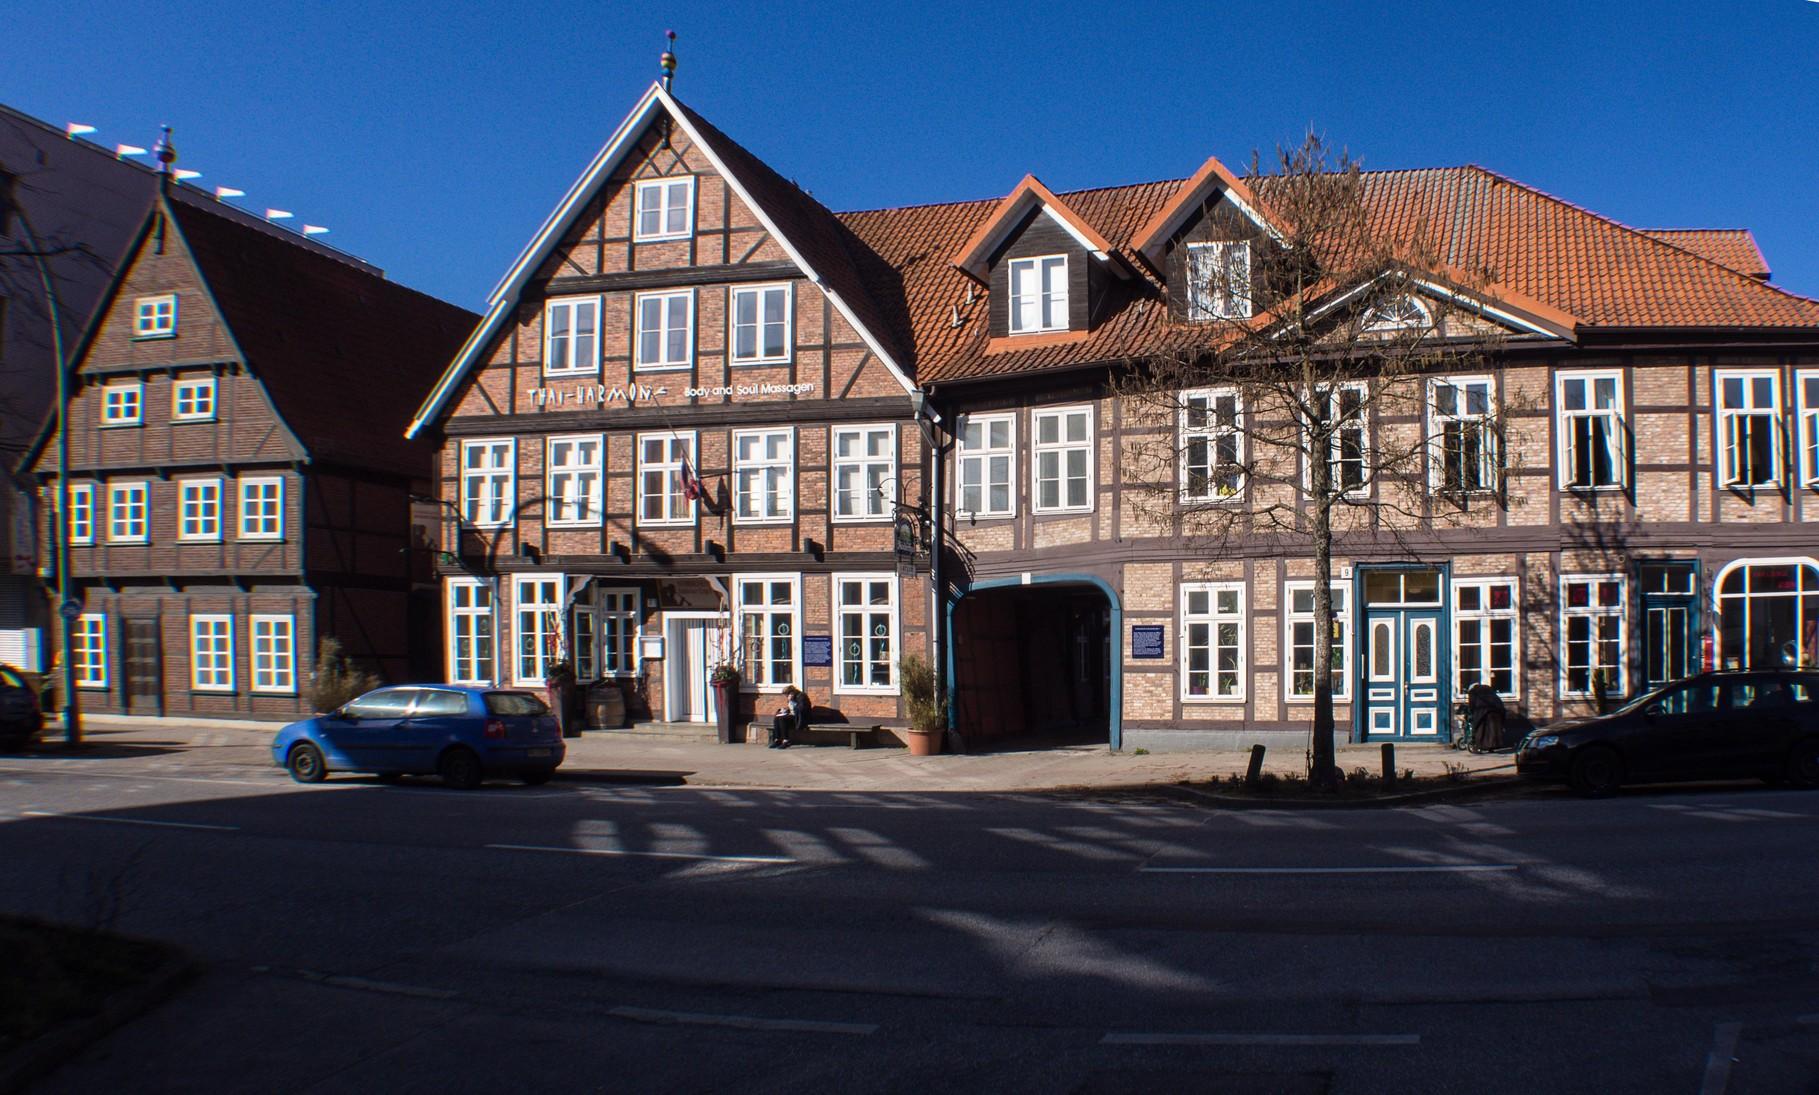 Harburger Schloßstraße